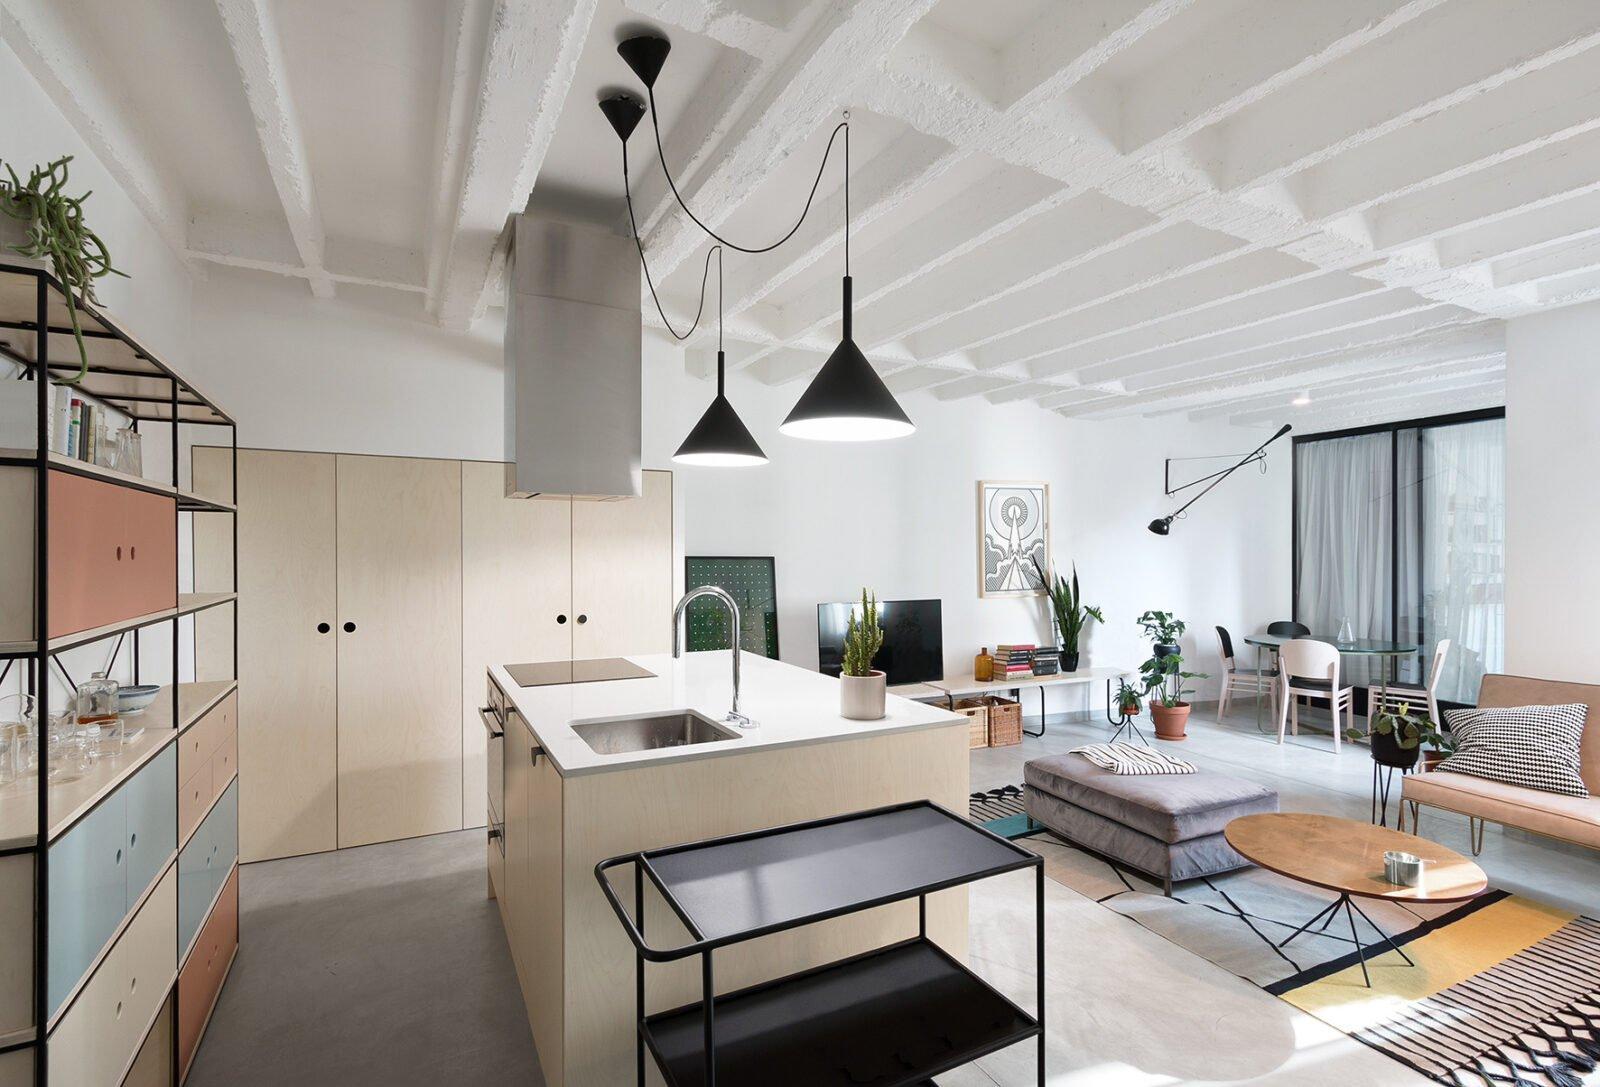 Si vende già arredato appartamento di 60 mq al piano terra in corso savona 267, formato da: 15 Open Space Da 60 A 100 Mq Da Realizzare Utilizzando Pochissimi Elementi